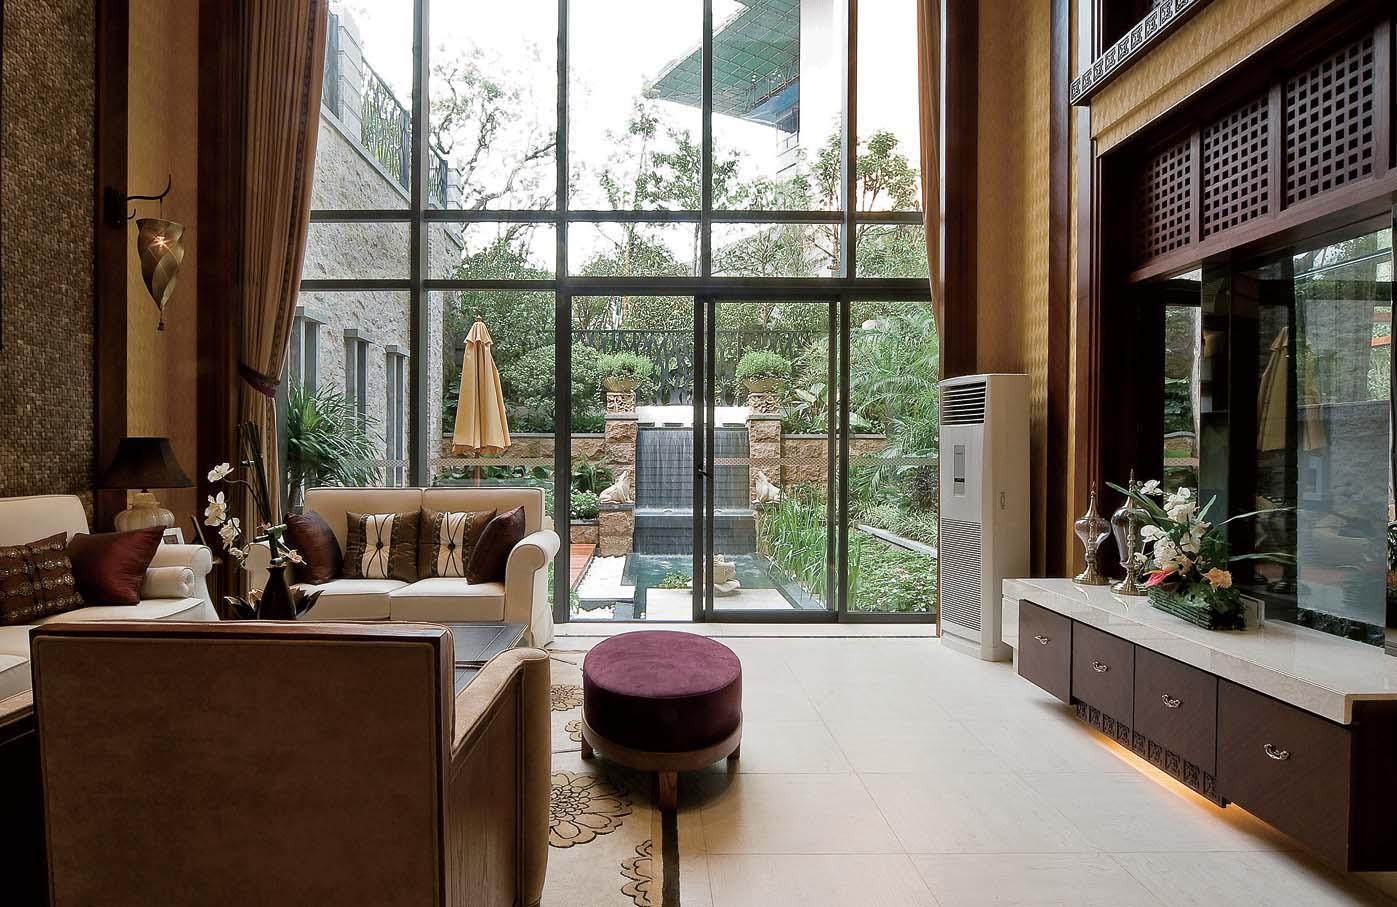 简约 别墅 装修设计 慕尚家居 海伦春天 客厅图片来自慕尚族在海伦春天的分享